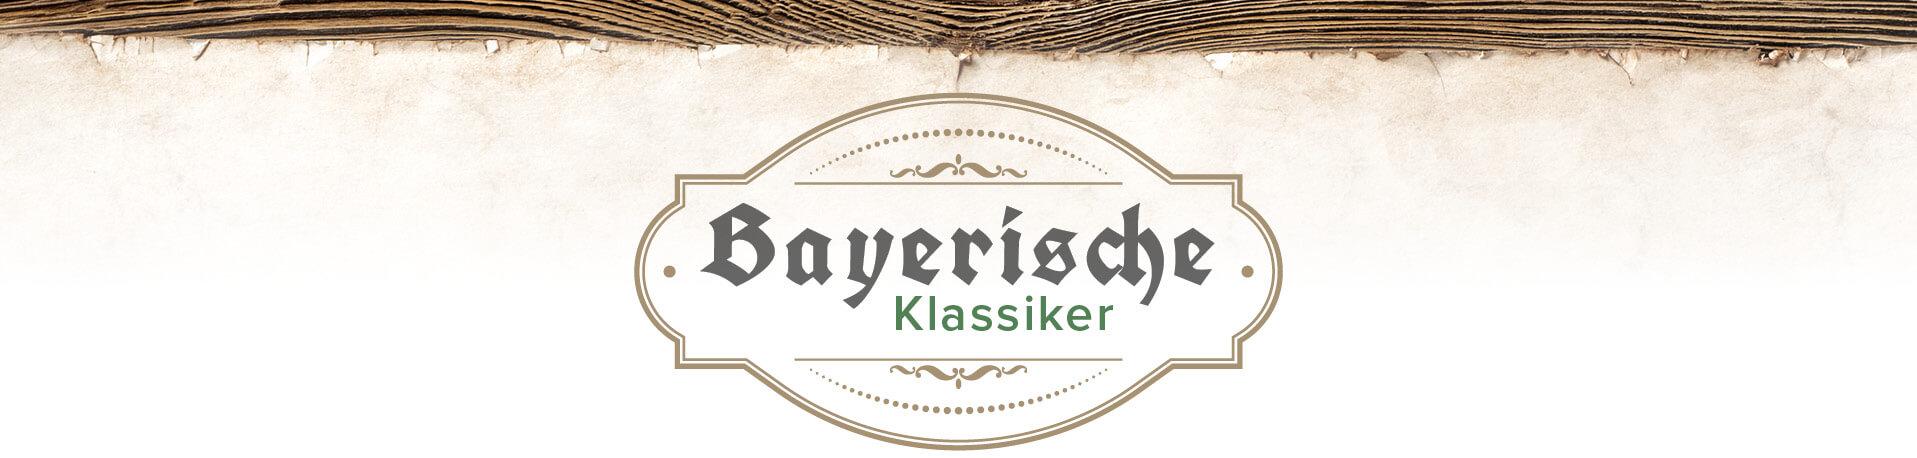 Bayerische Klassiker